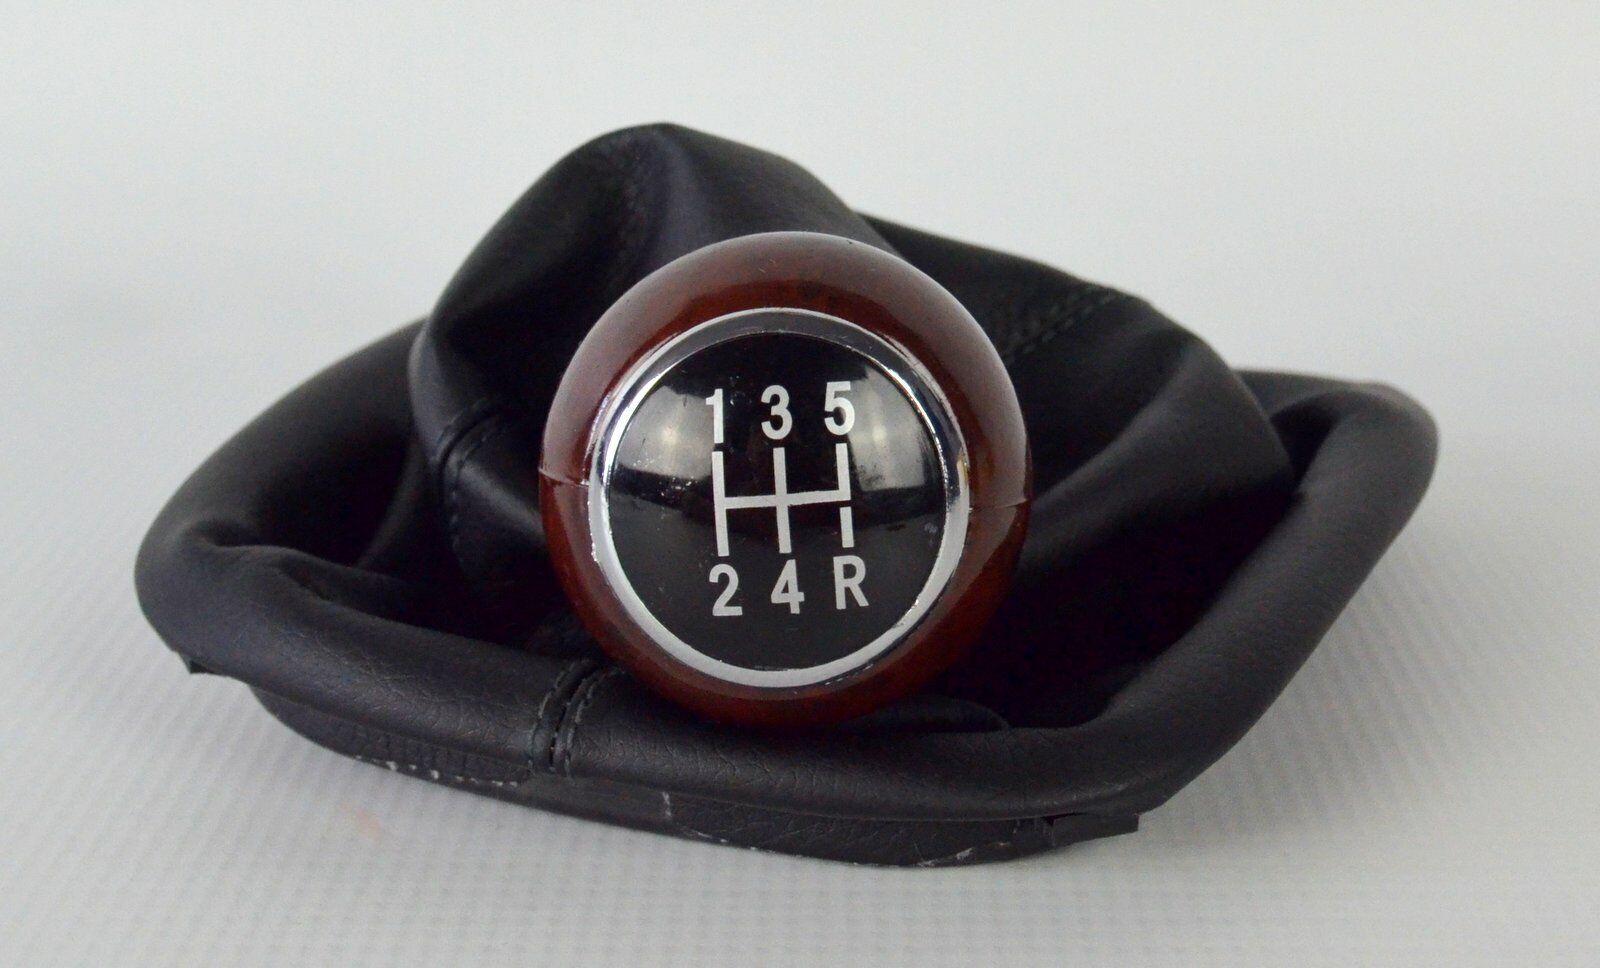 VW PASSAT B5 FL 00-05 SCHALTKNAUF KNOPF KNAUF CHROM RING DECKEL SCHALTSACK